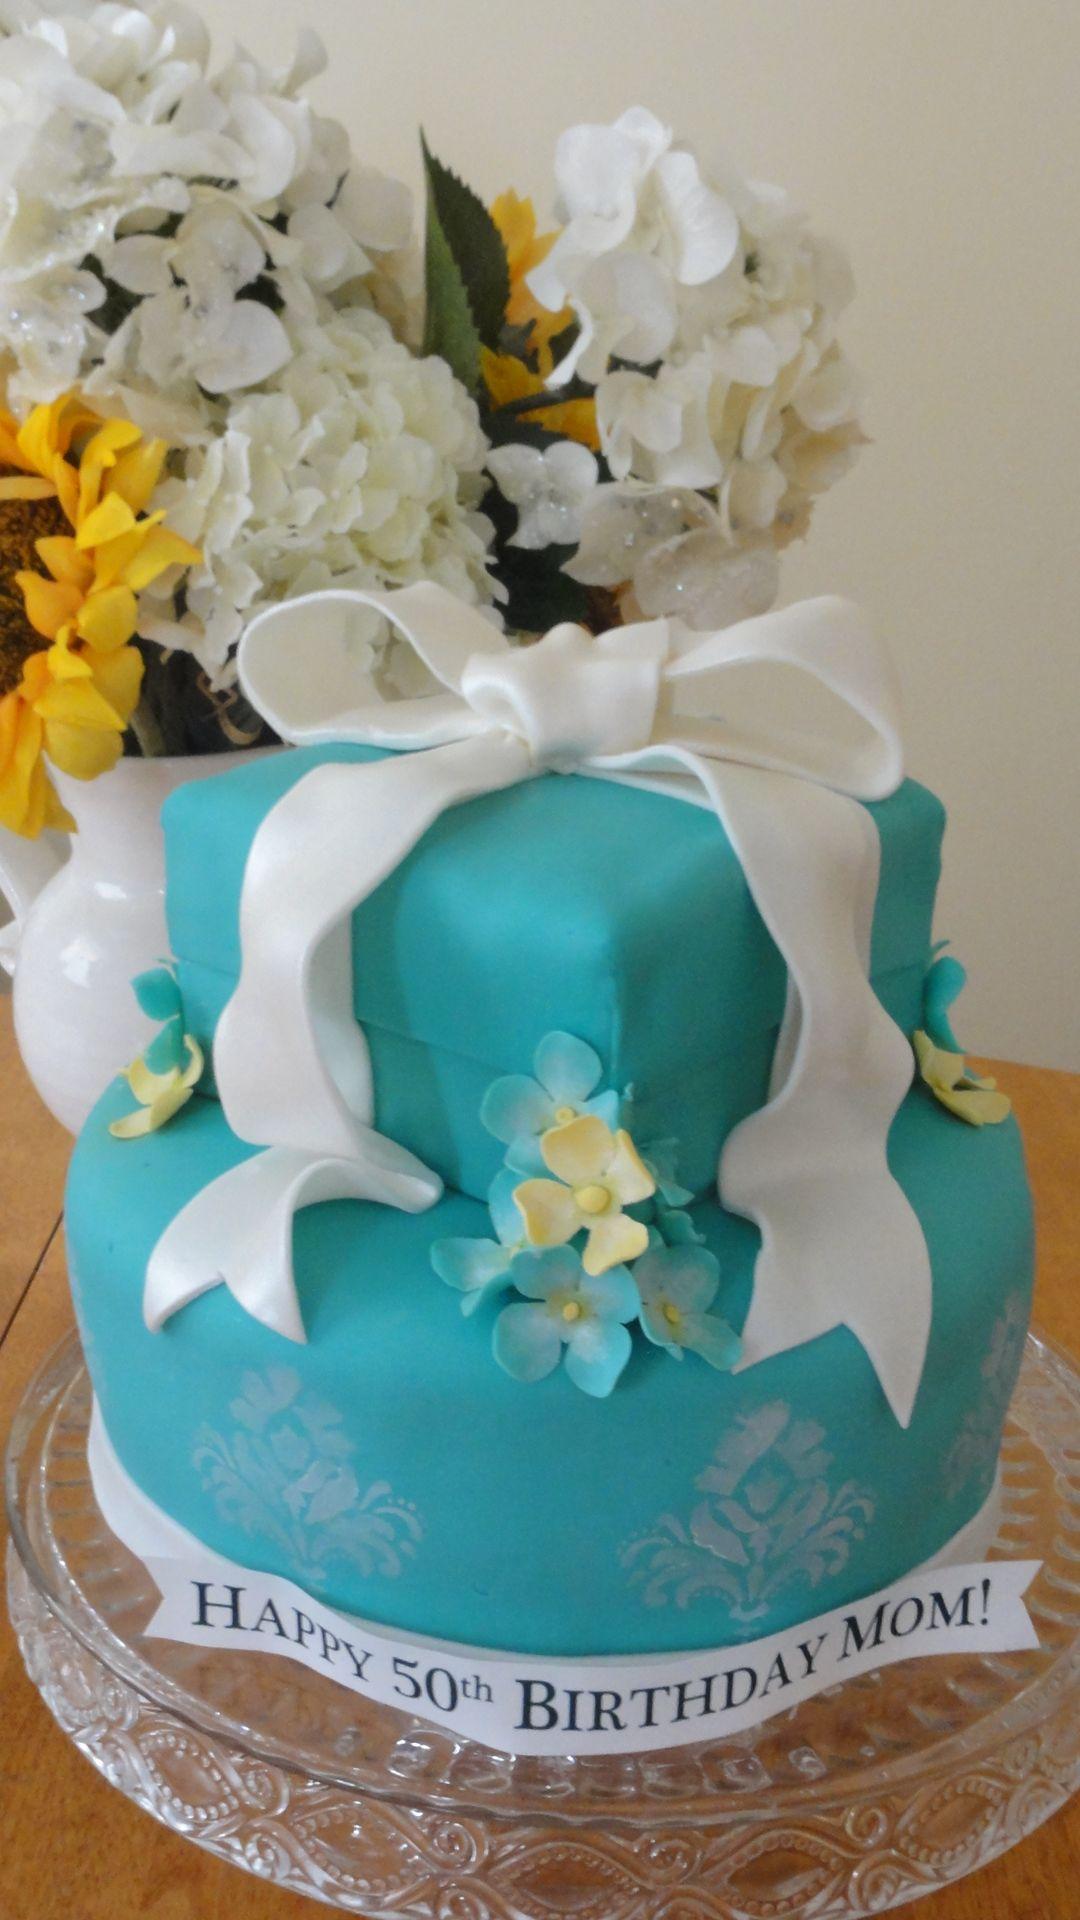 TIffany Birthday Cake for 50th Birthday Cakes Pinterest